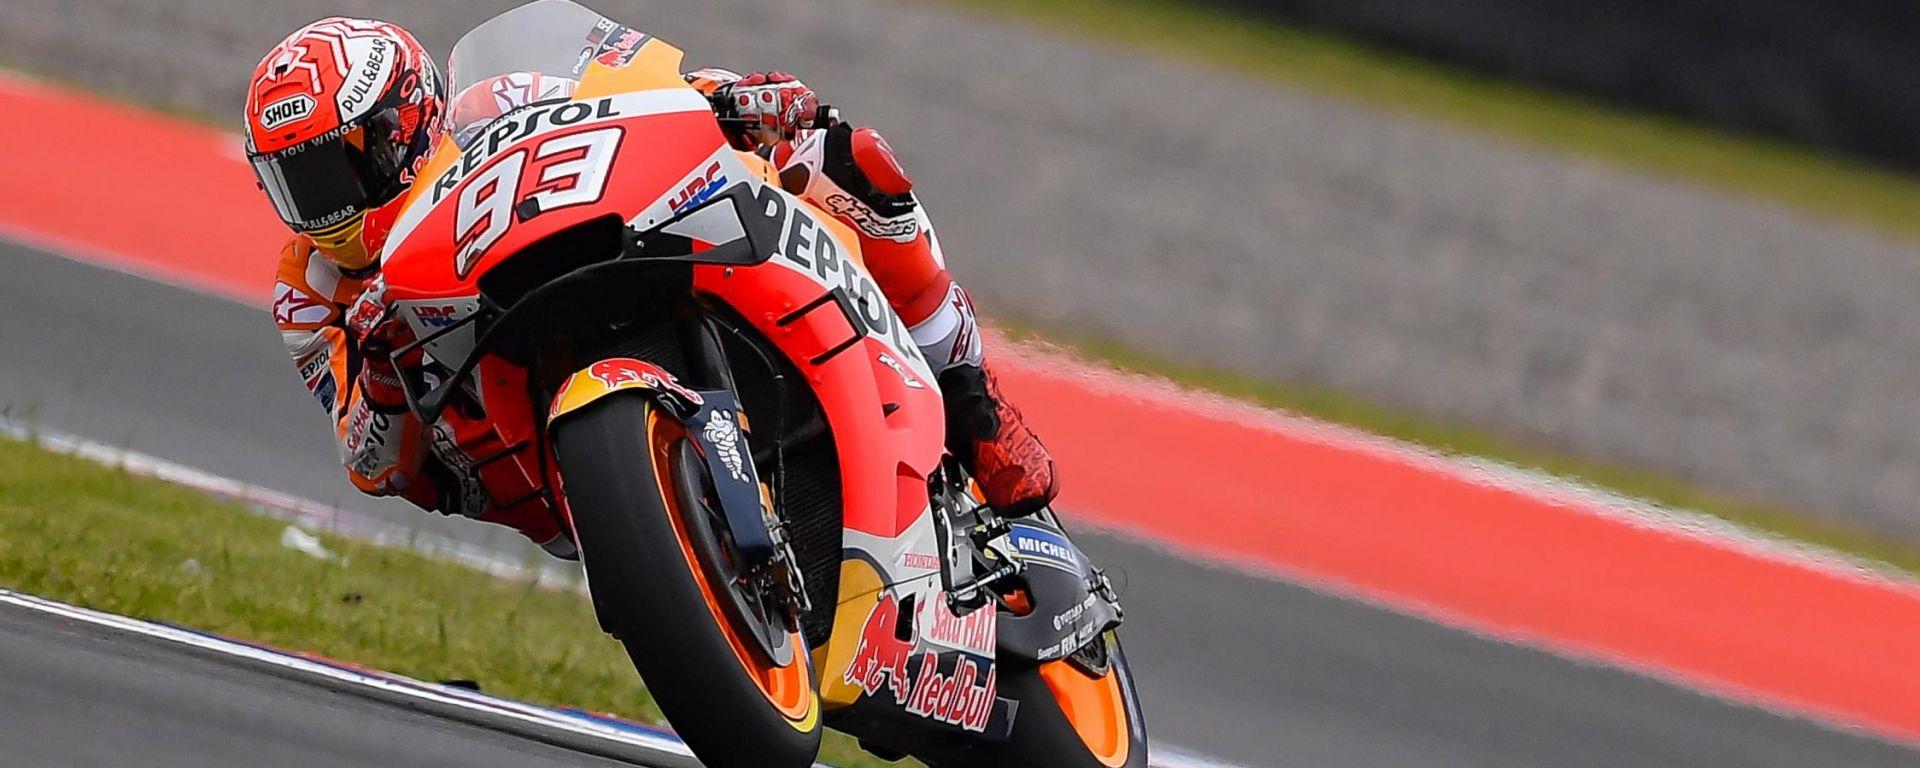 MotoGP Argentina: Marquez stellare. Rossi batte Dovizioso